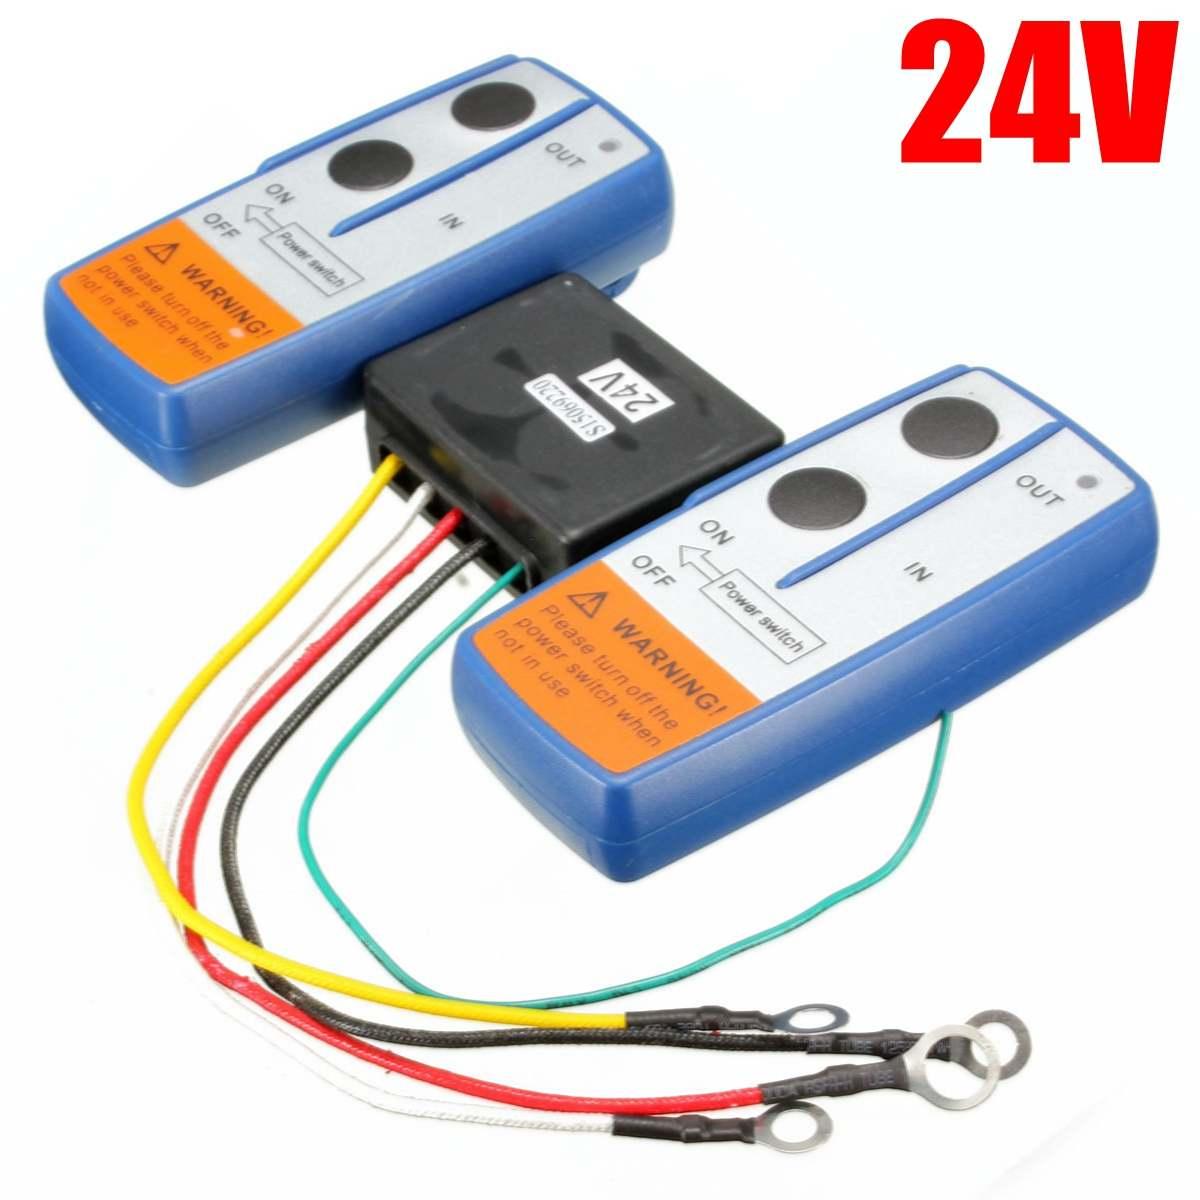 24 V 98 Voeten/30 M Universele Auto Wireless Winch Crane Afstandsbediening Controller Met Twin Handset Afstandsbediening Bereik Blauwe Kleur Glanzend